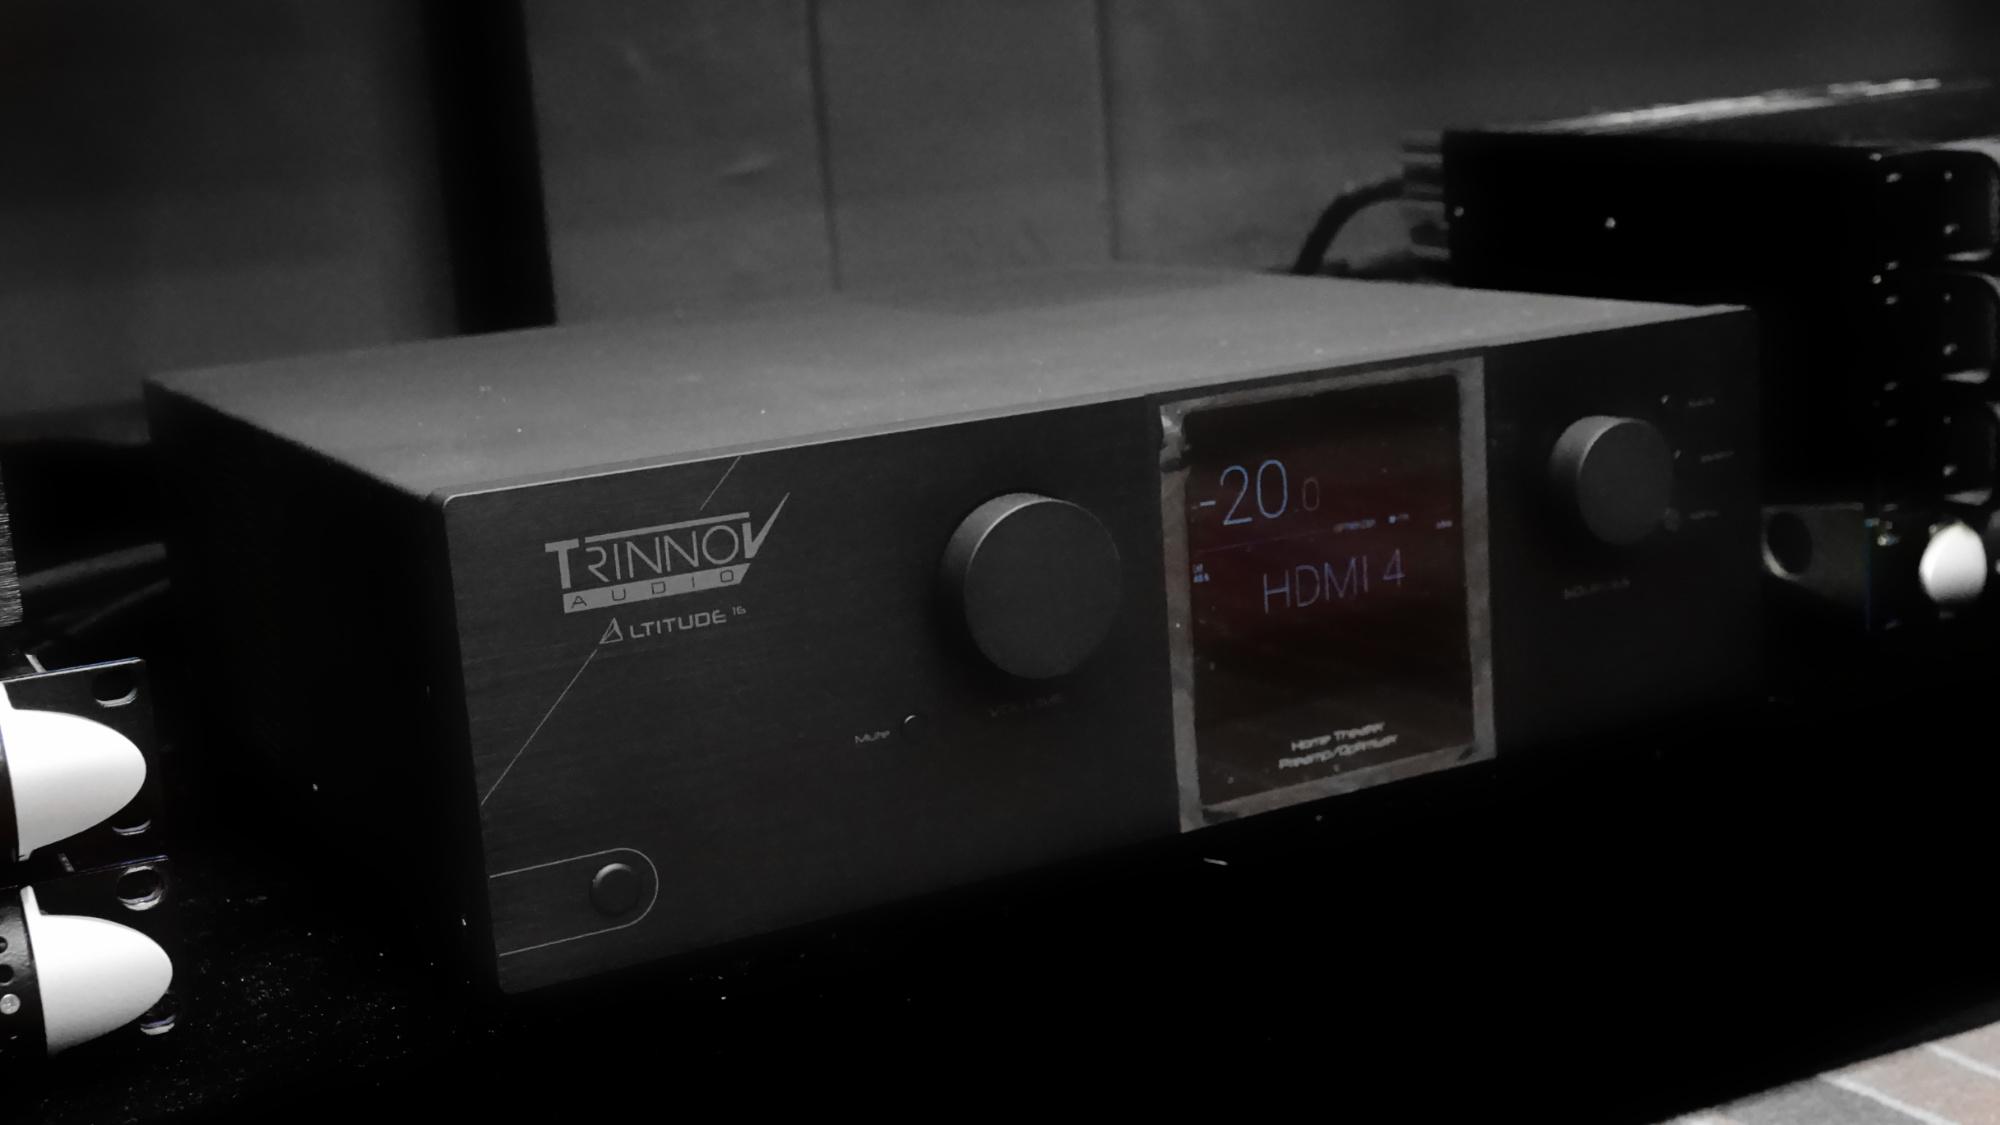 2018010819080768 - 现场 | 米乐影音携Trinnov Audio最新Altitude 16声道处理前级,亮相中国影音嘉年华!